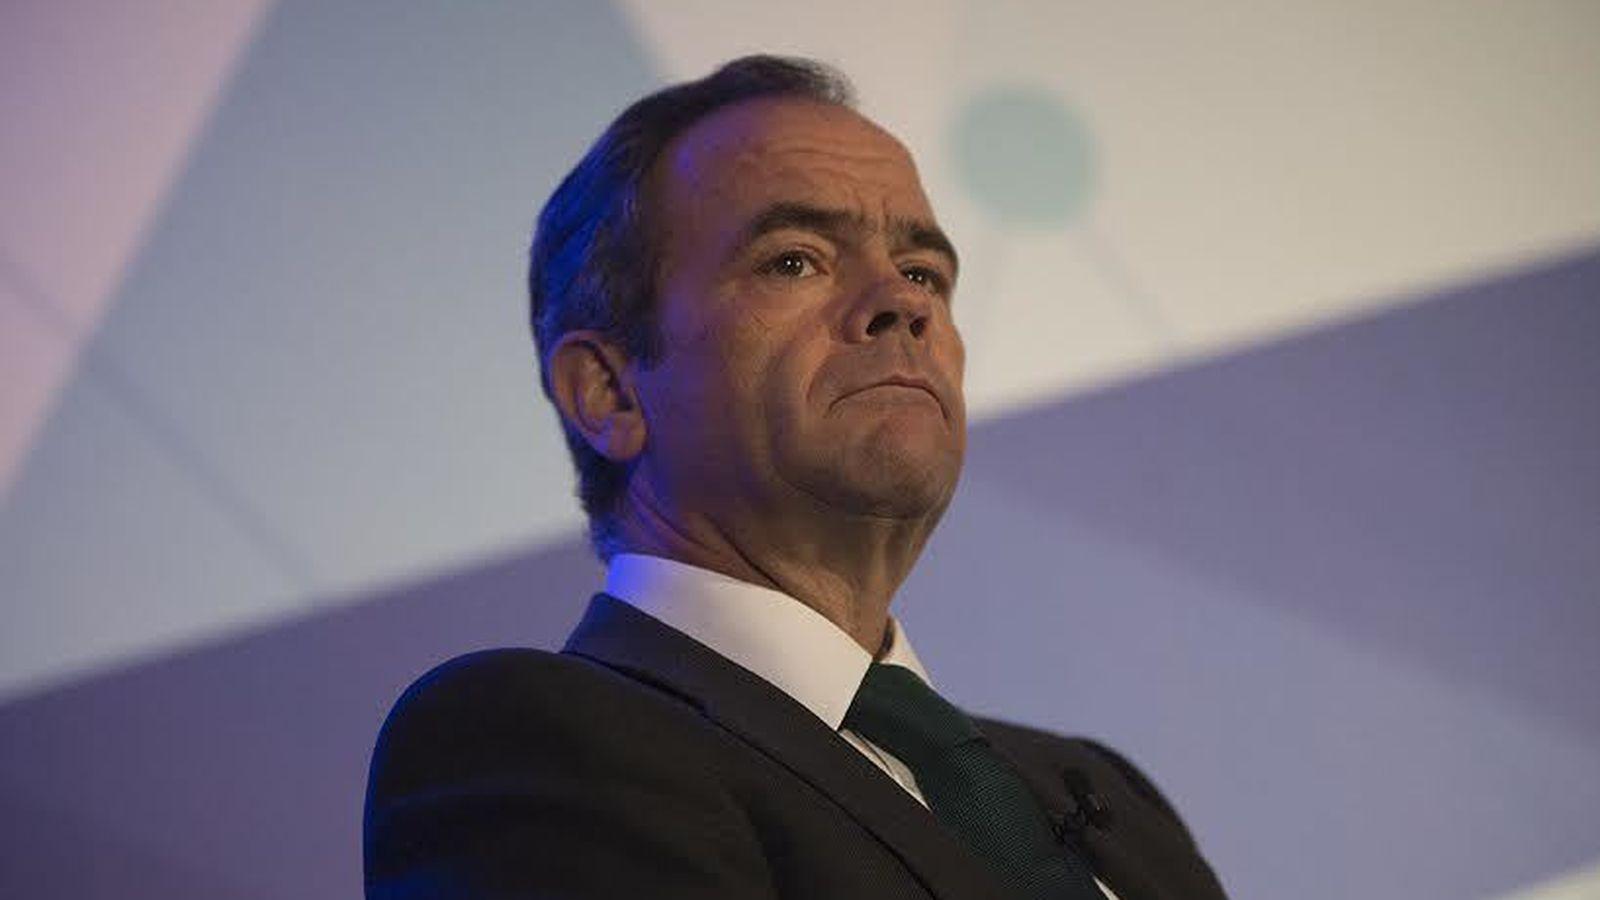 Foto: Íñigo Meirás, consejero delegado de Ferrovial